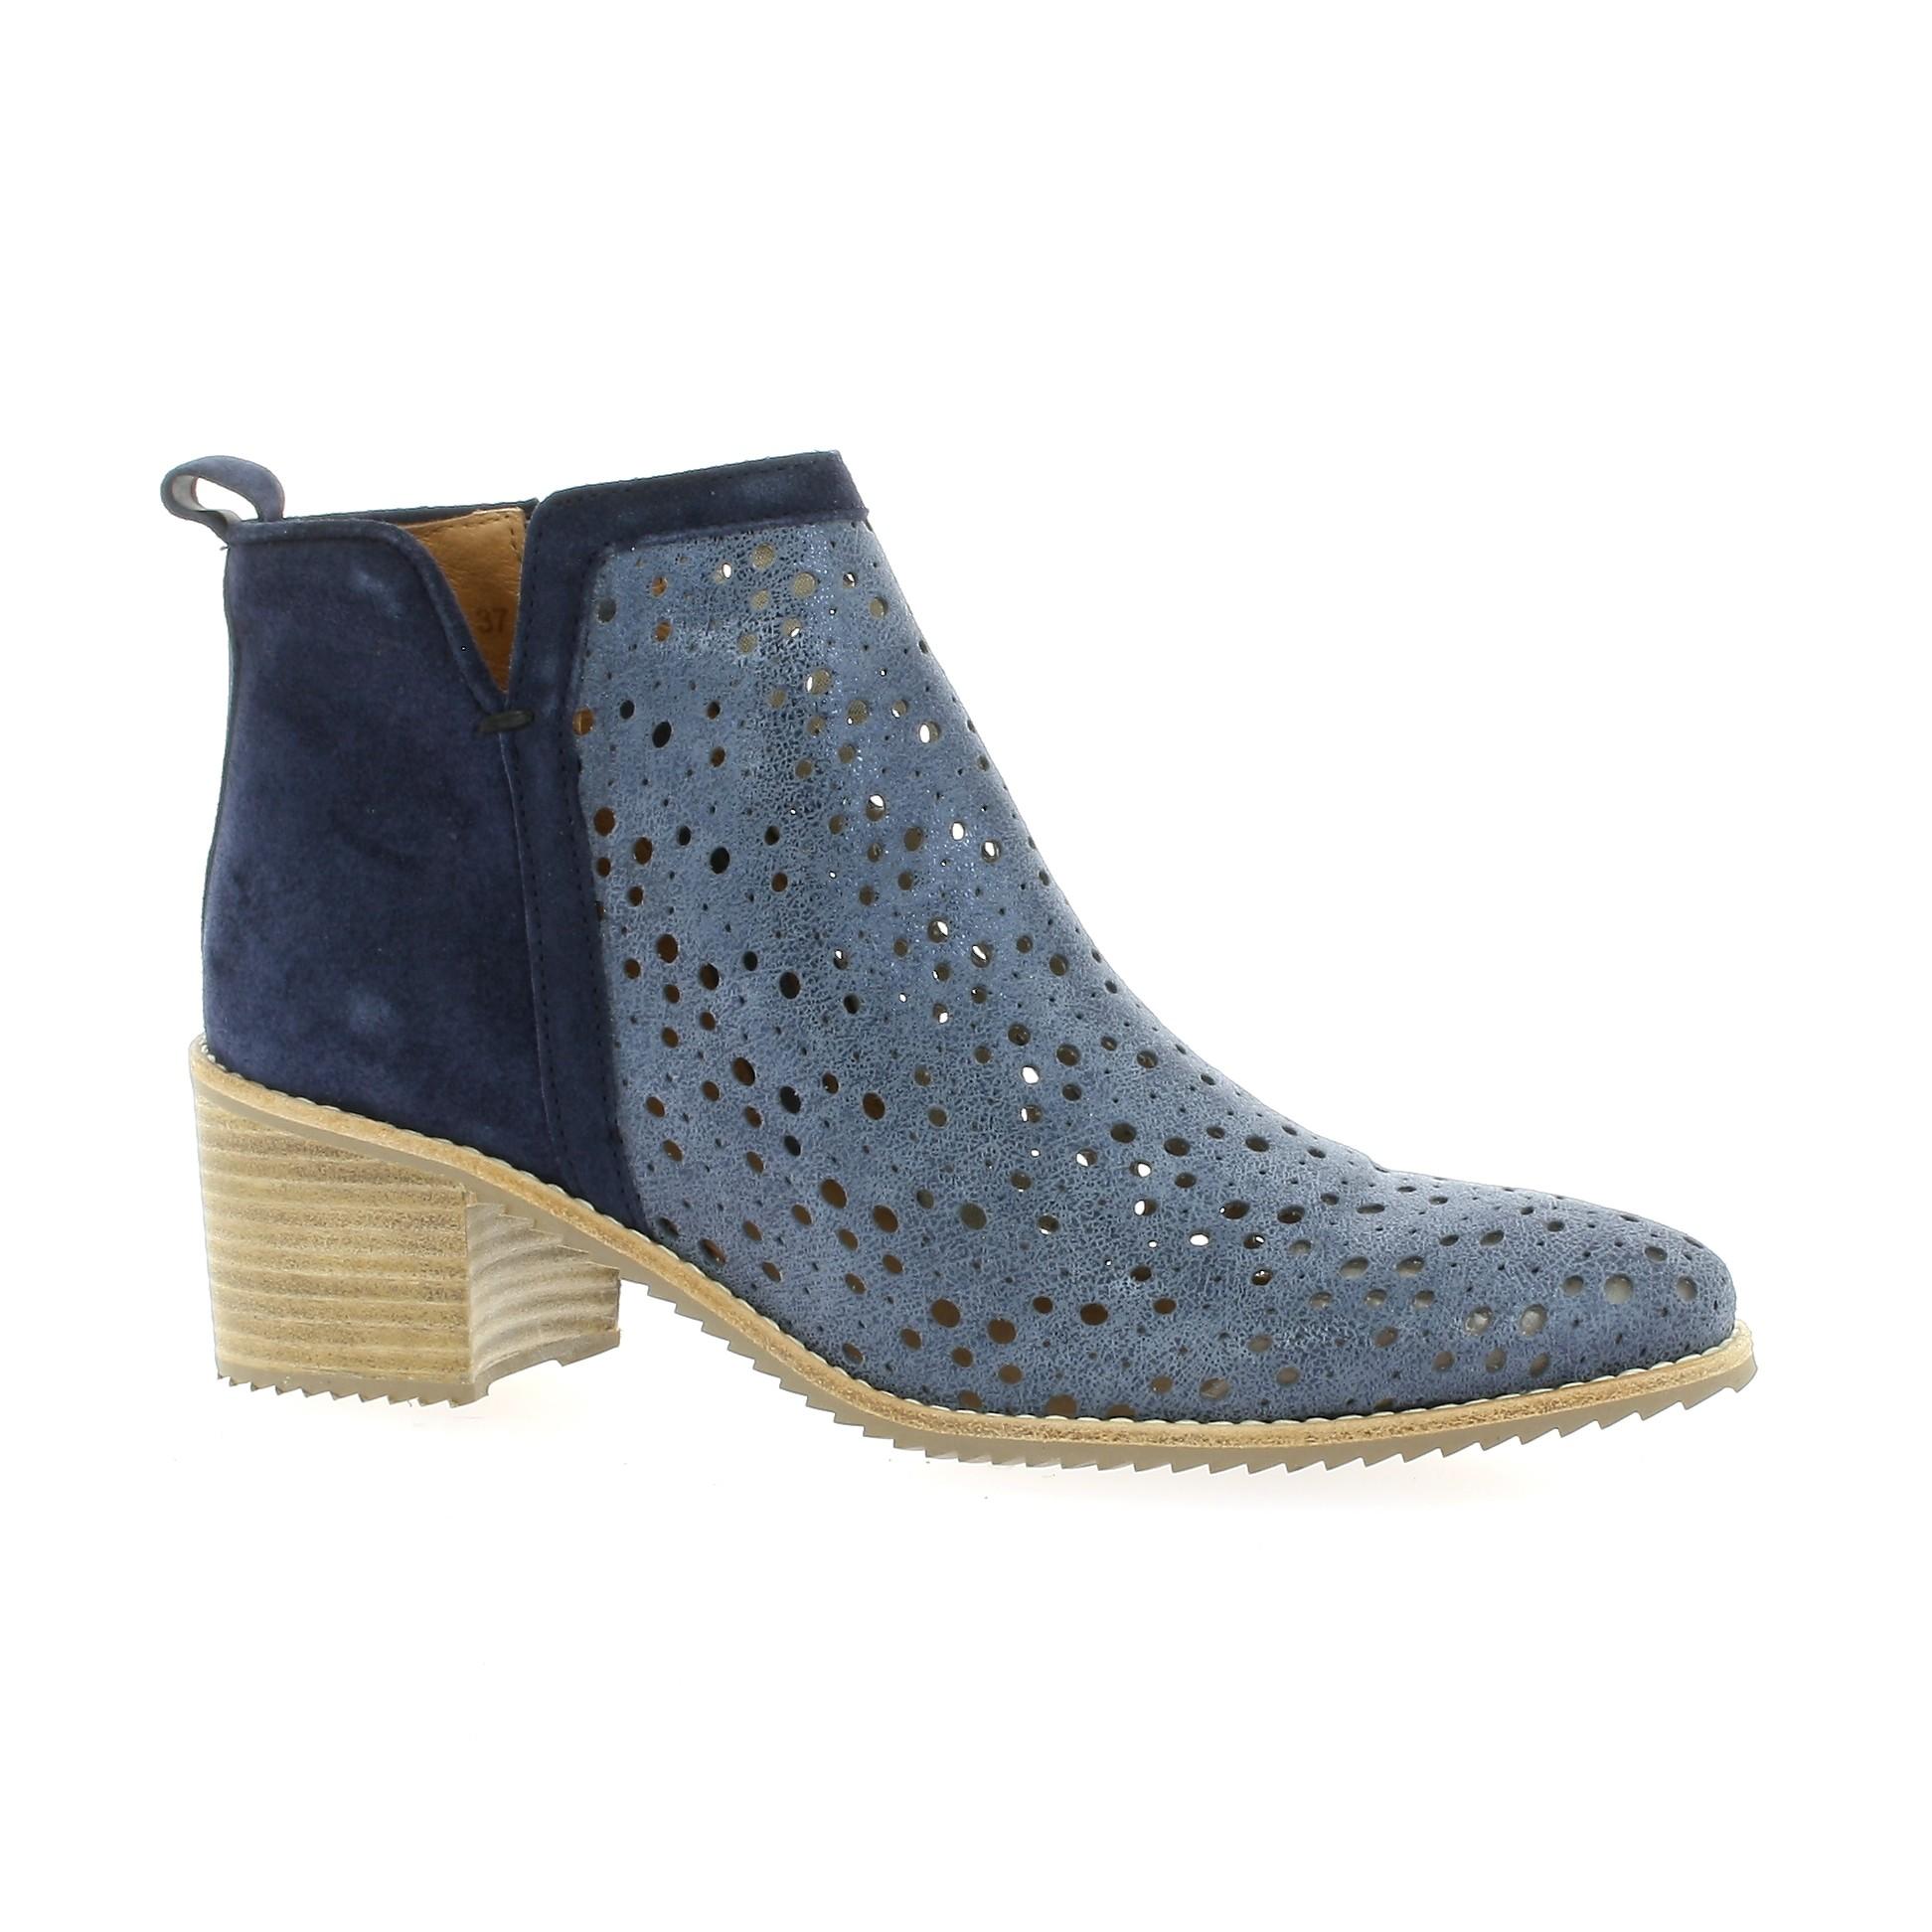 c298d289018a6f Minka Design, chaussures femmes - PAO Chaussures